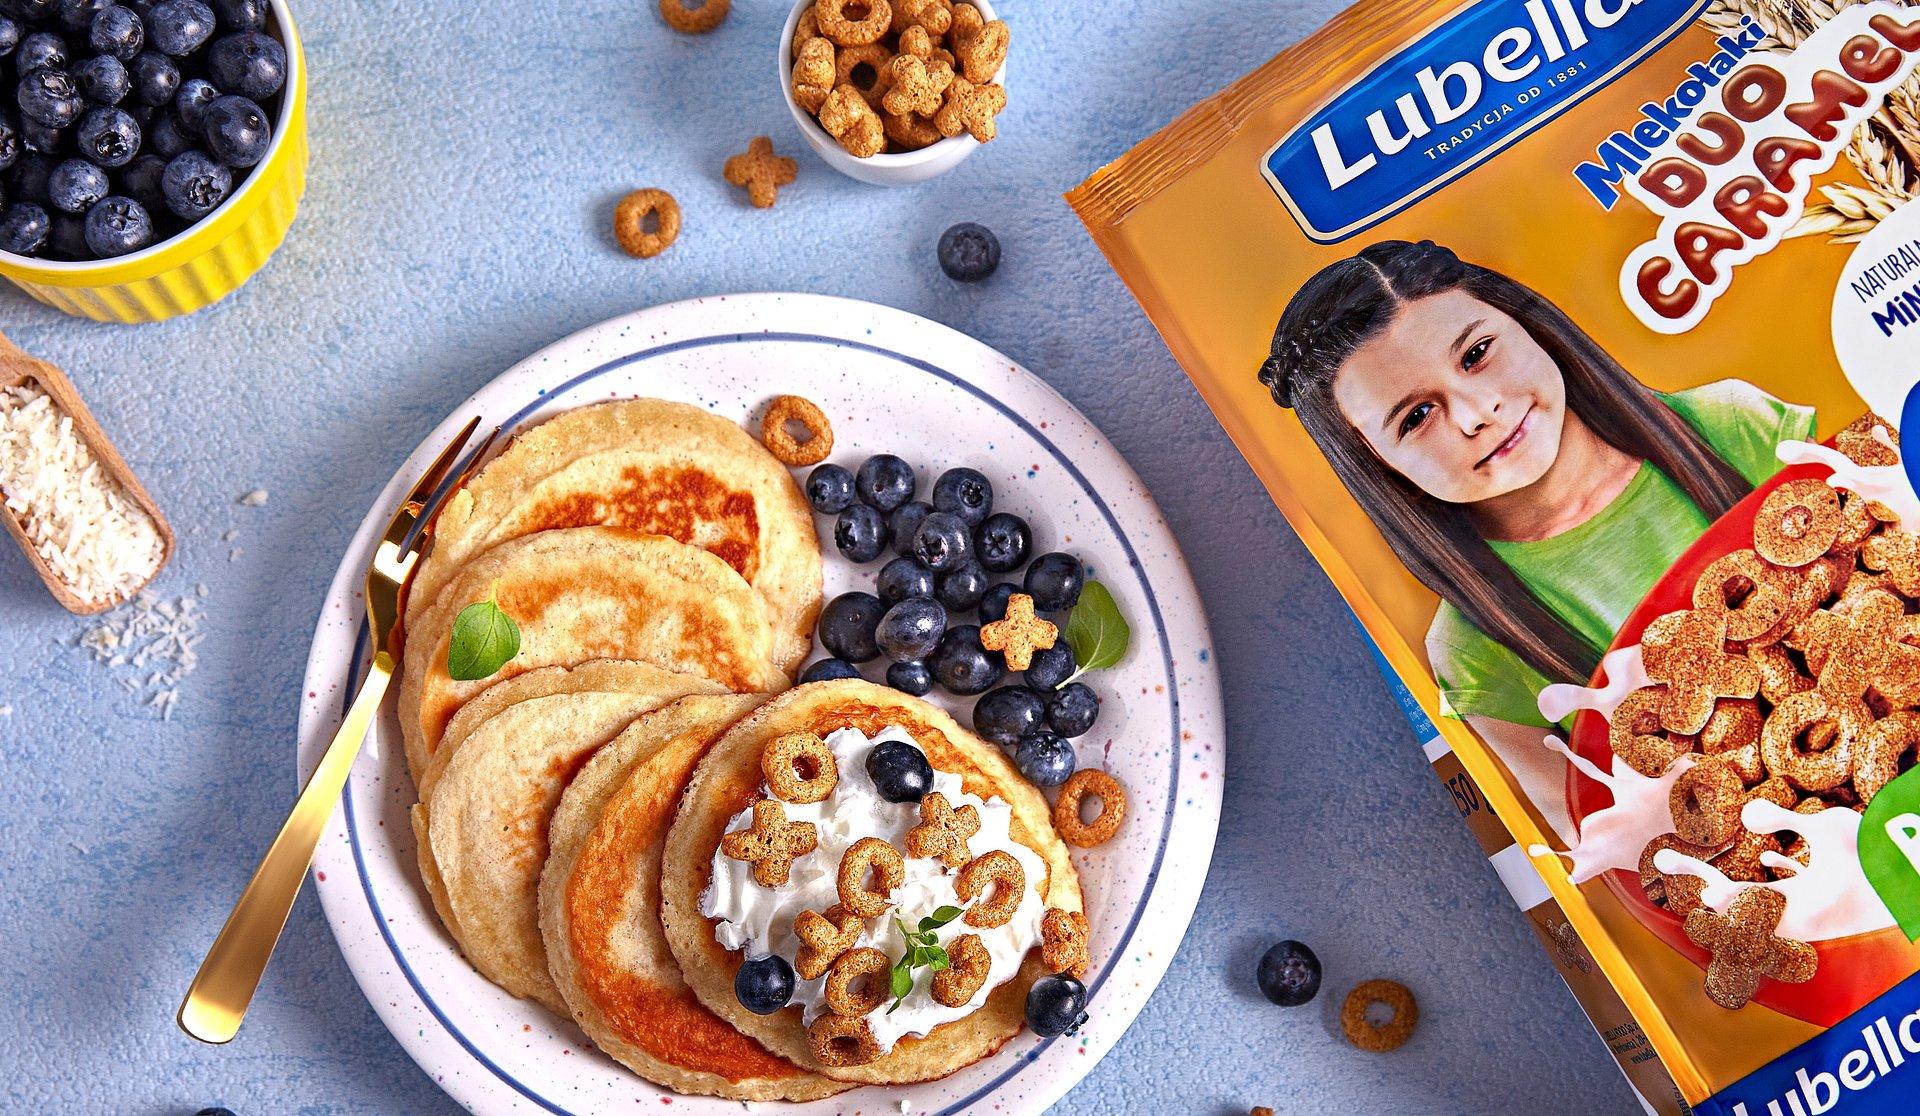 Śniadanie? Naturalnie BEZ… nudy! Duo Caramel – nowość od Lubelli